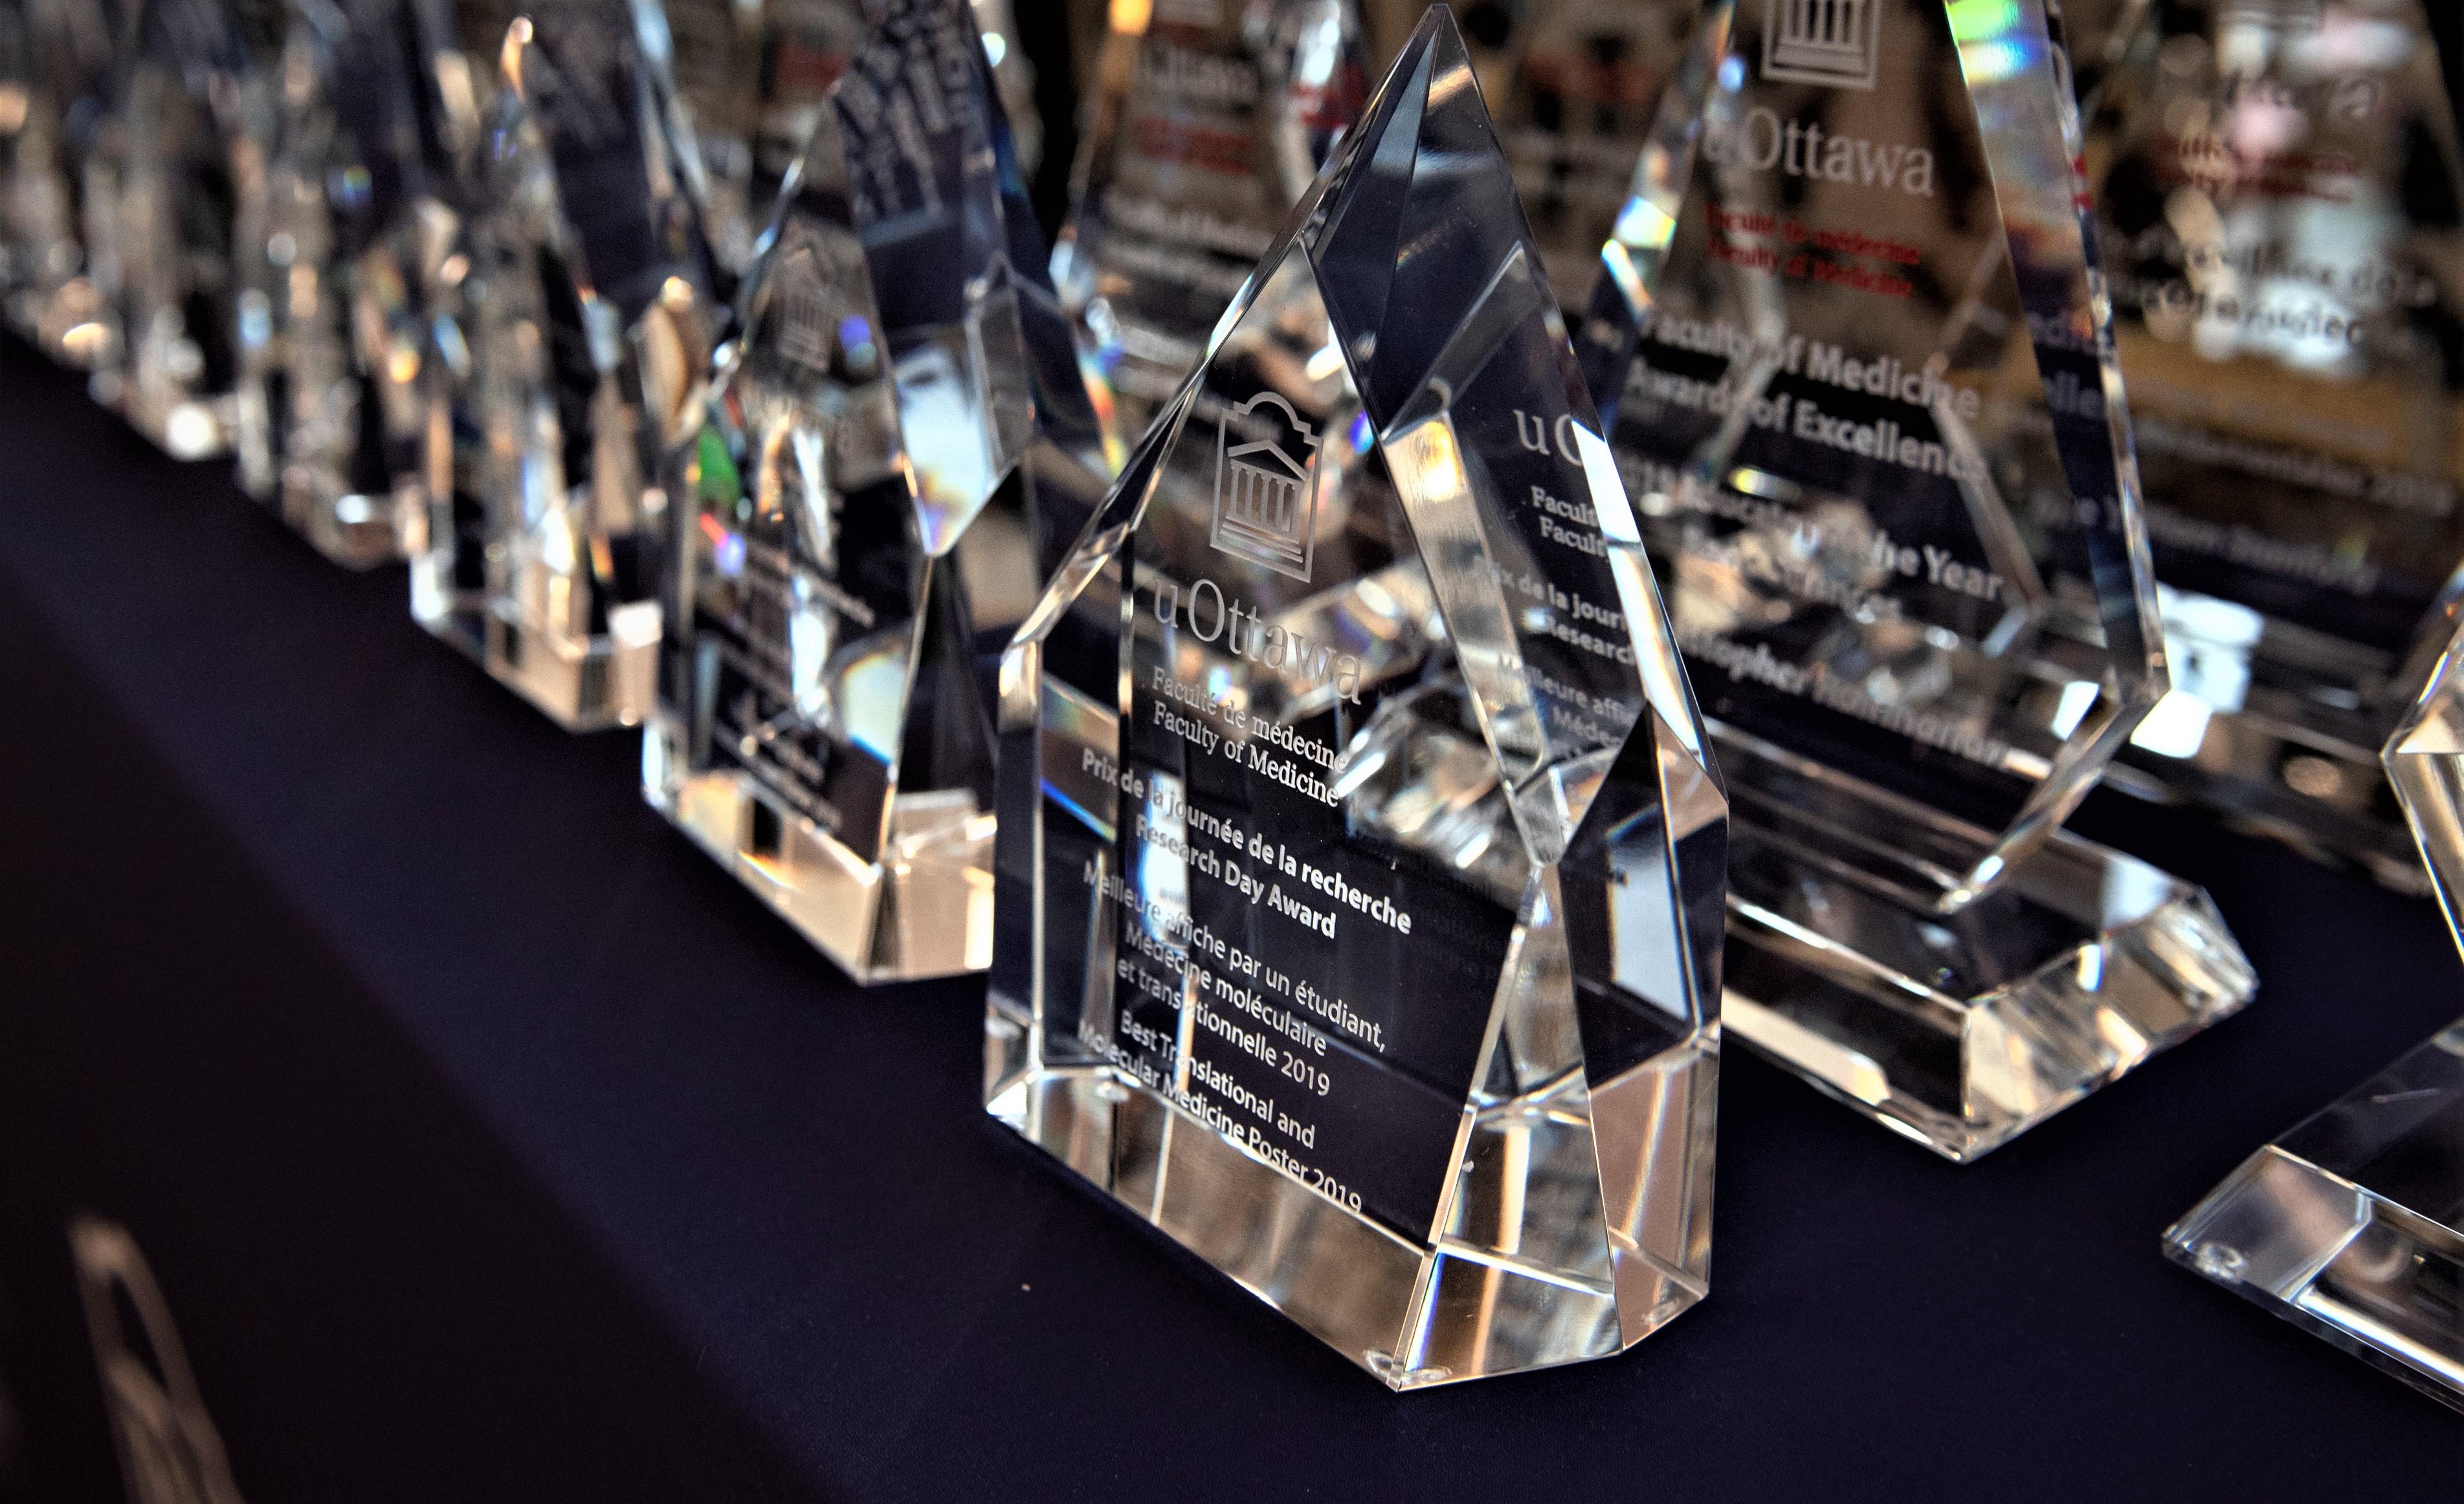 Awards on display at the Saturday night Gala.